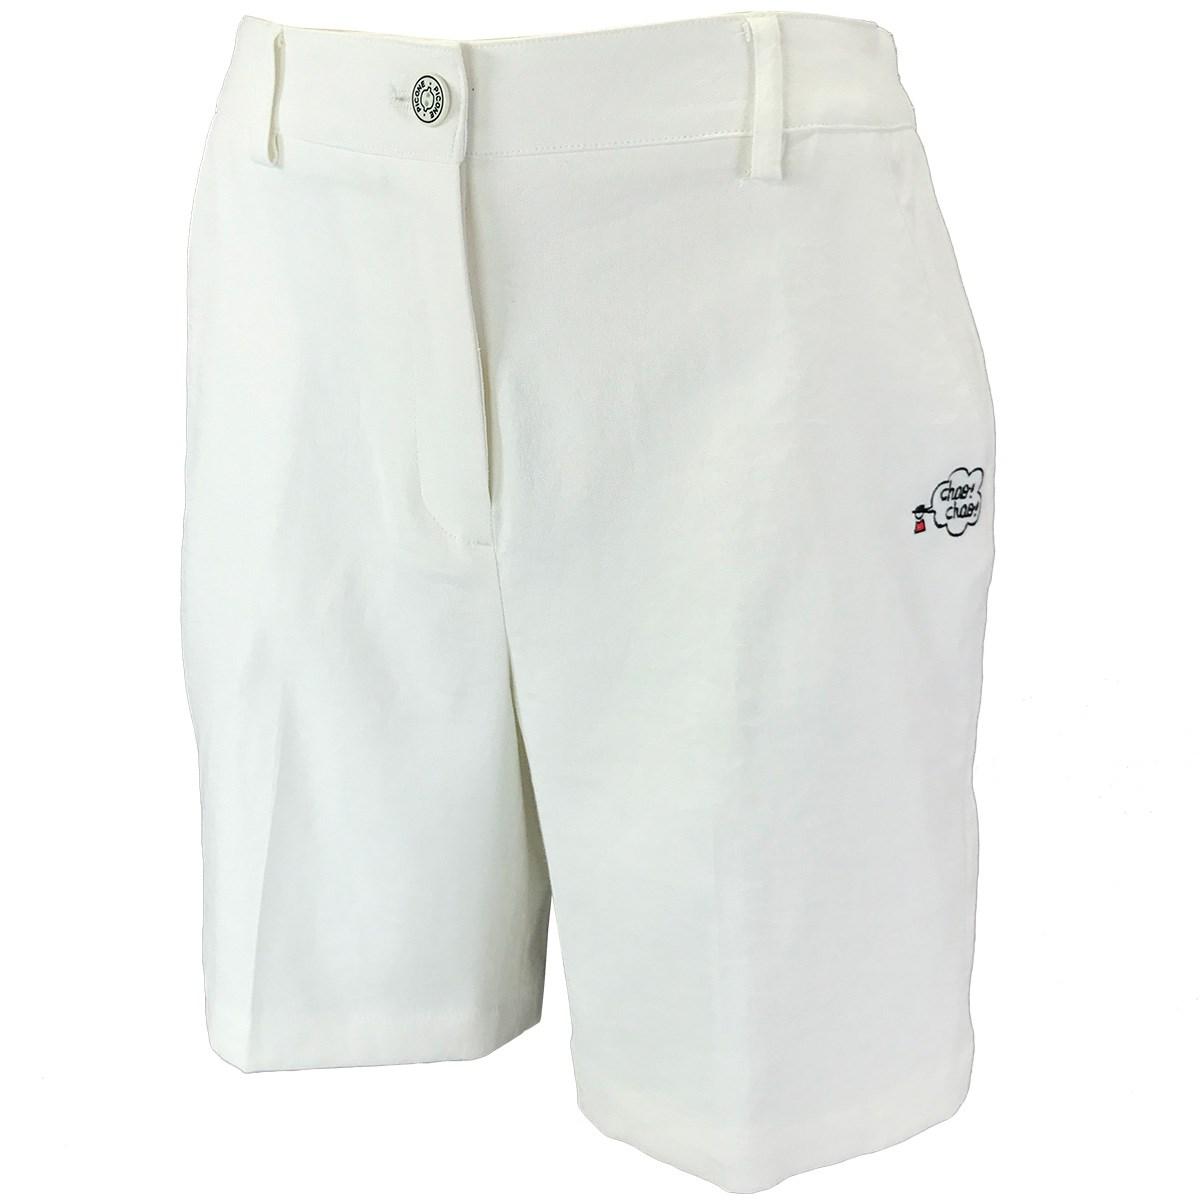 ピッコーネクラブ PICONE CLUB ショートパンツ 36(7号) ホワイト 090 レディス